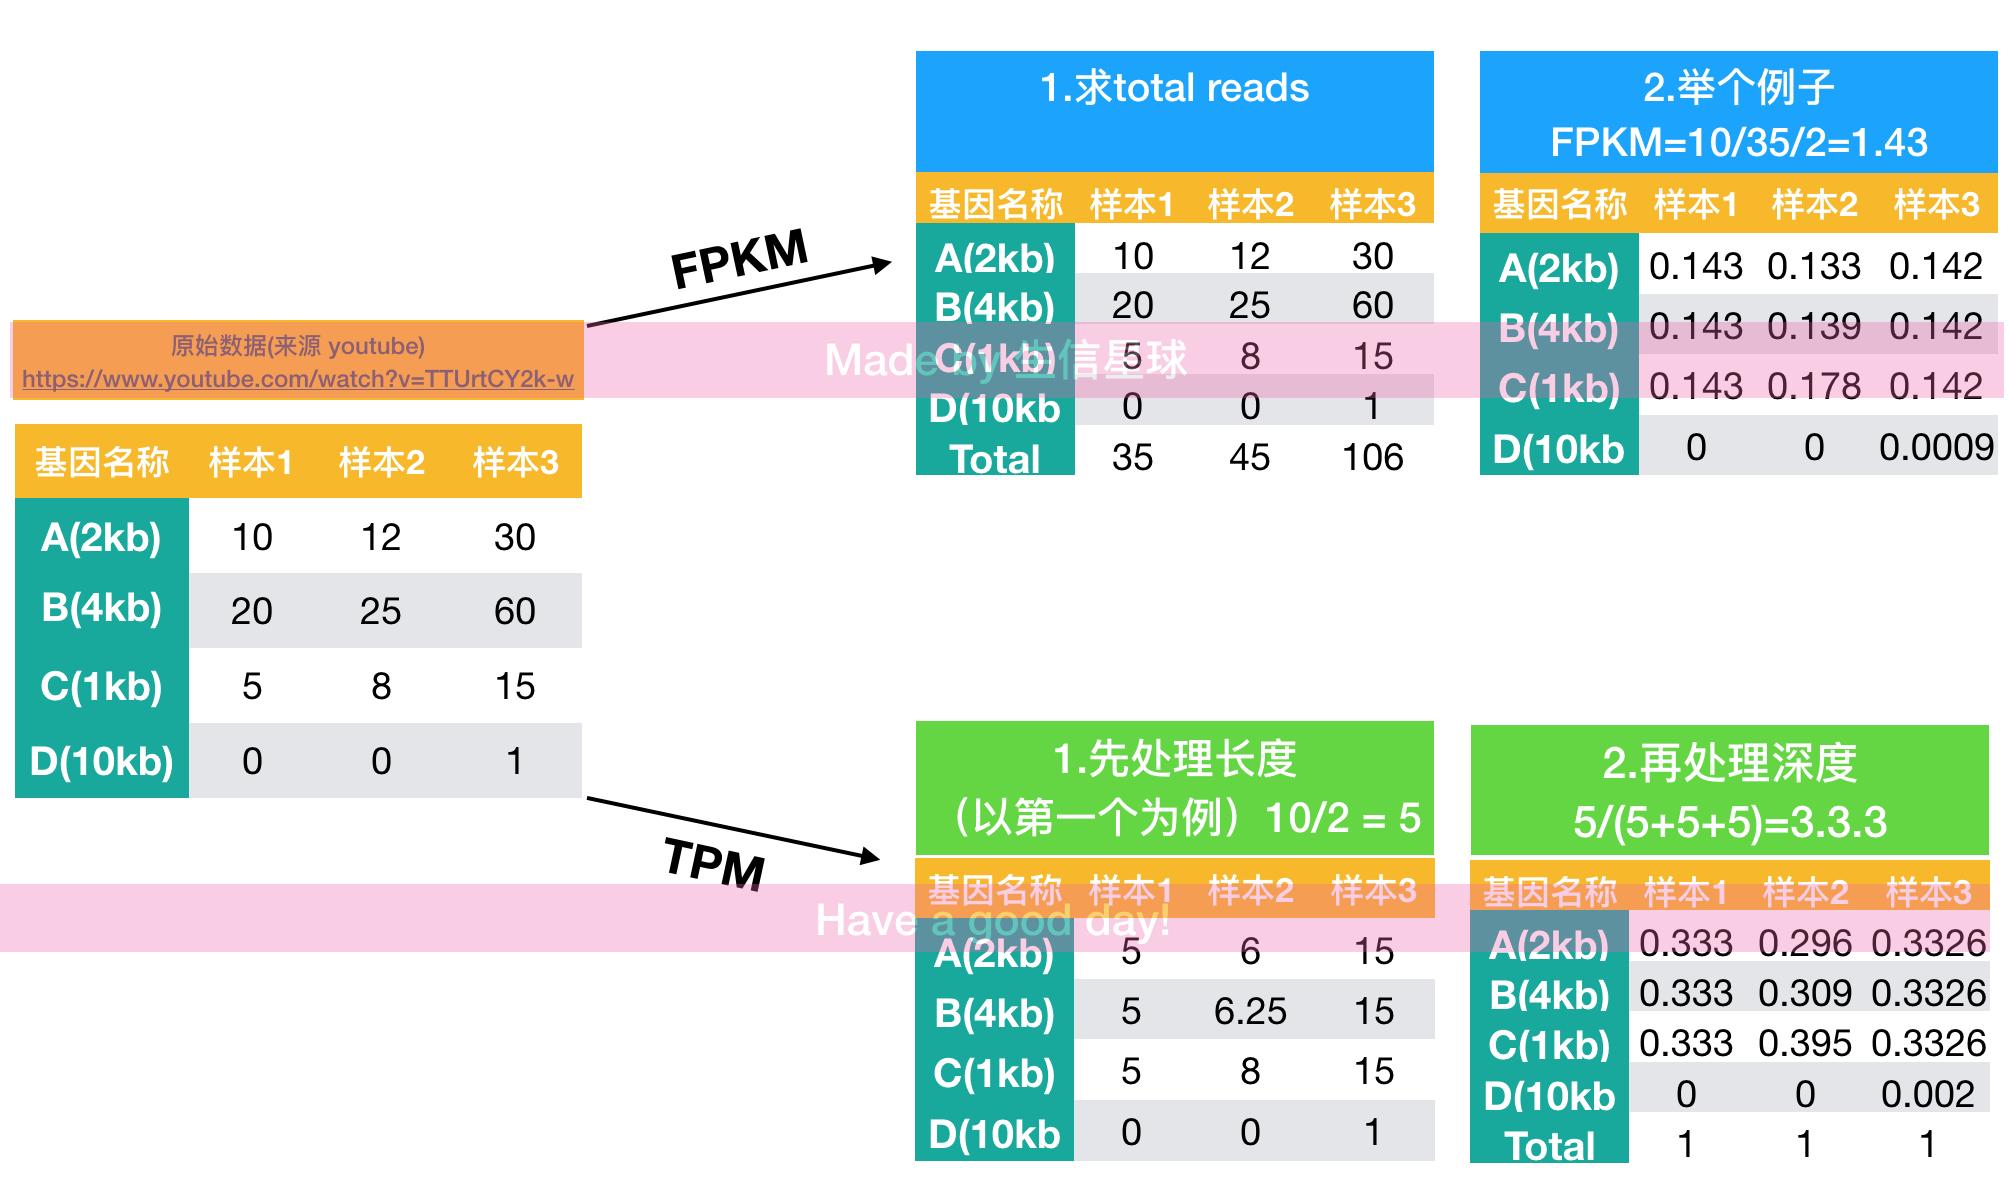 FPKM_vs_TPM